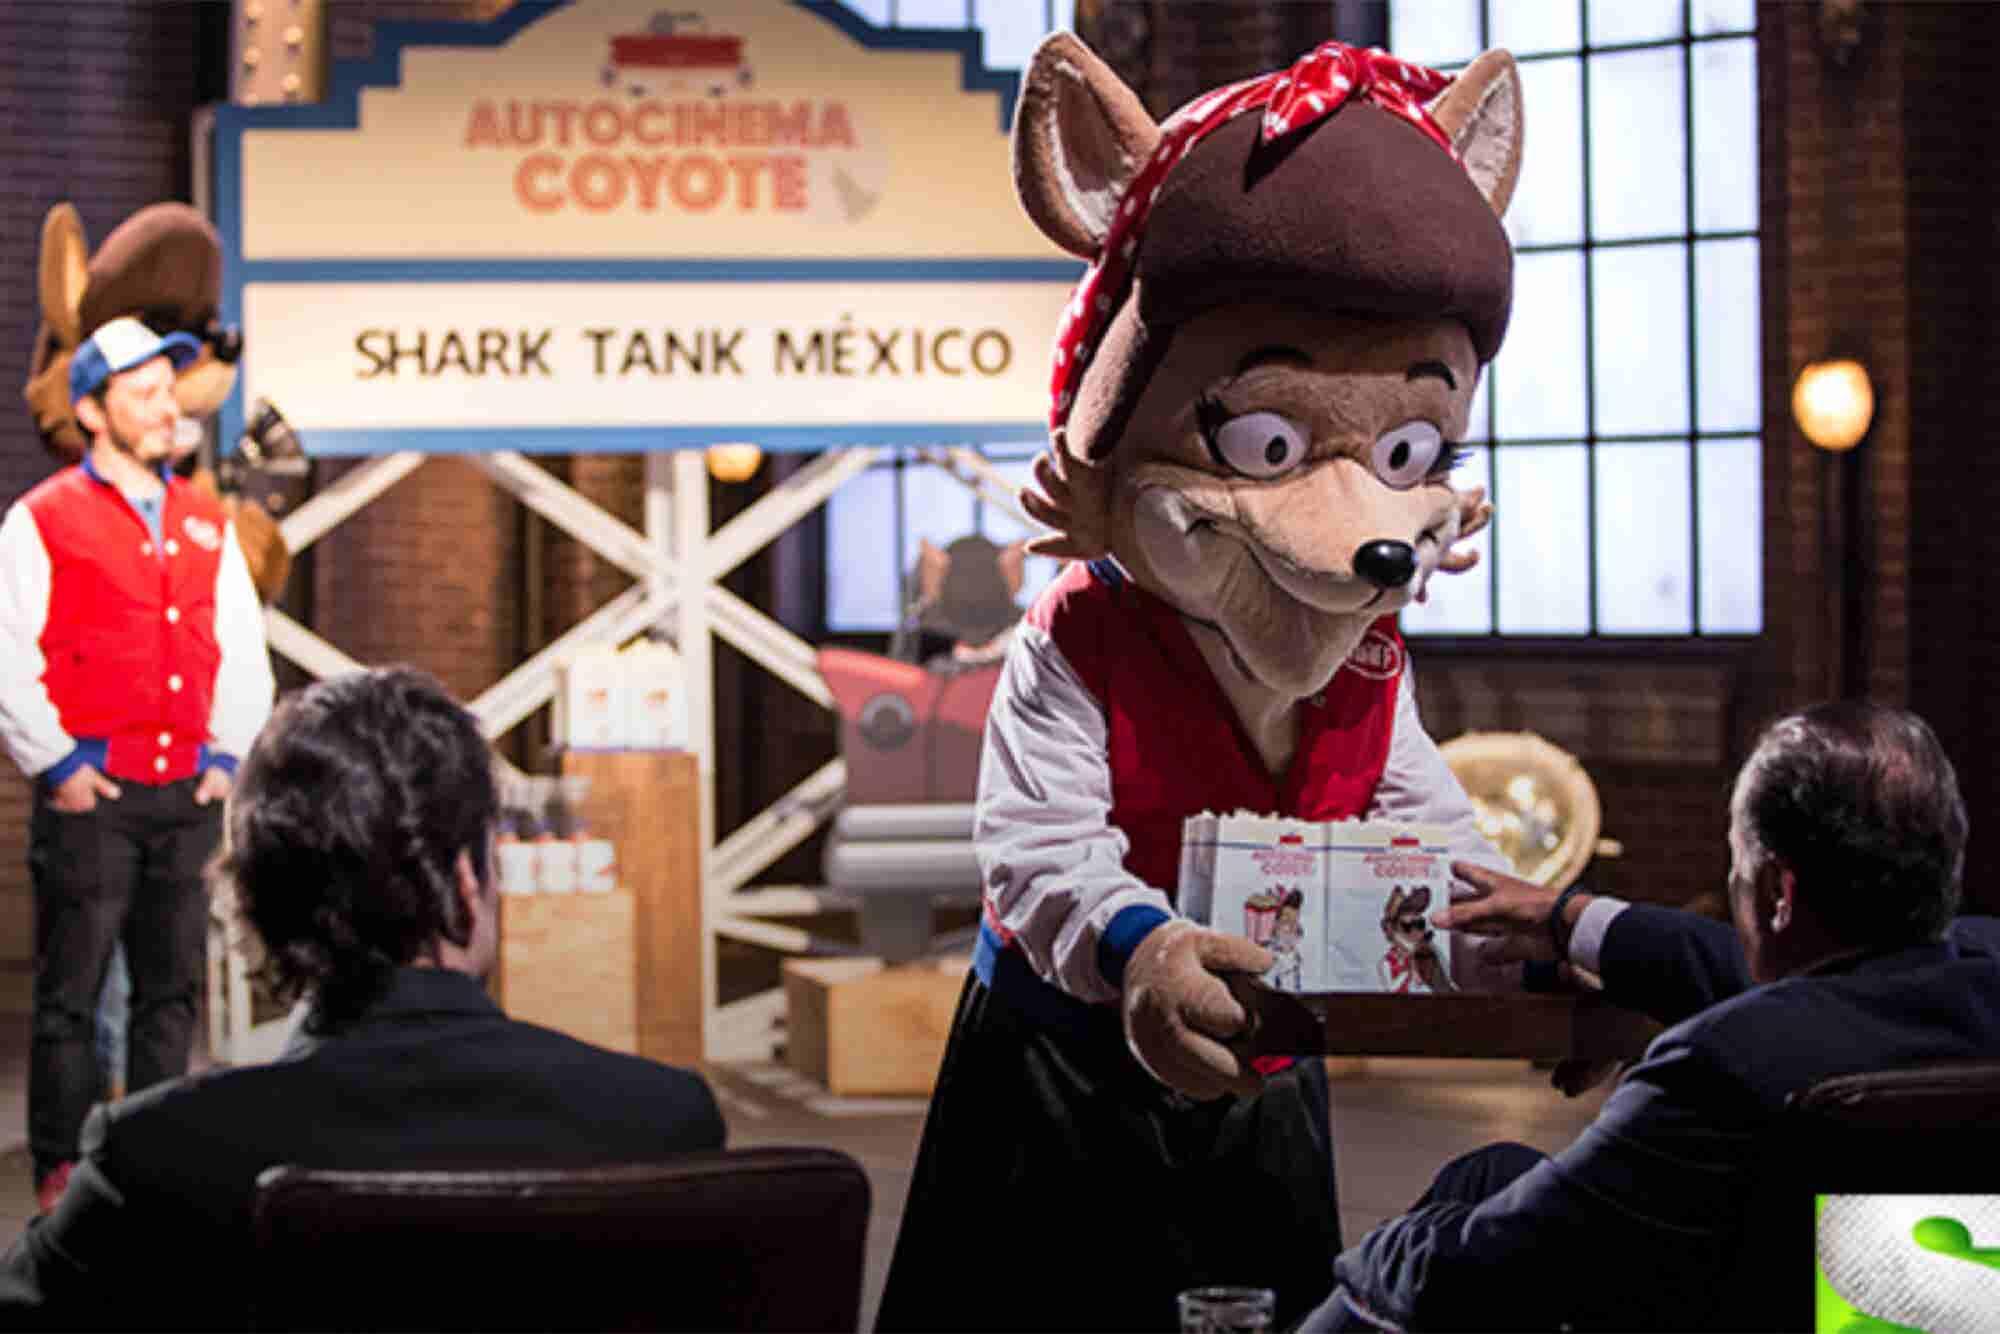 Autocinema Coyote, el negocio por el que se aliaron dos tiburones de Shark Tank México